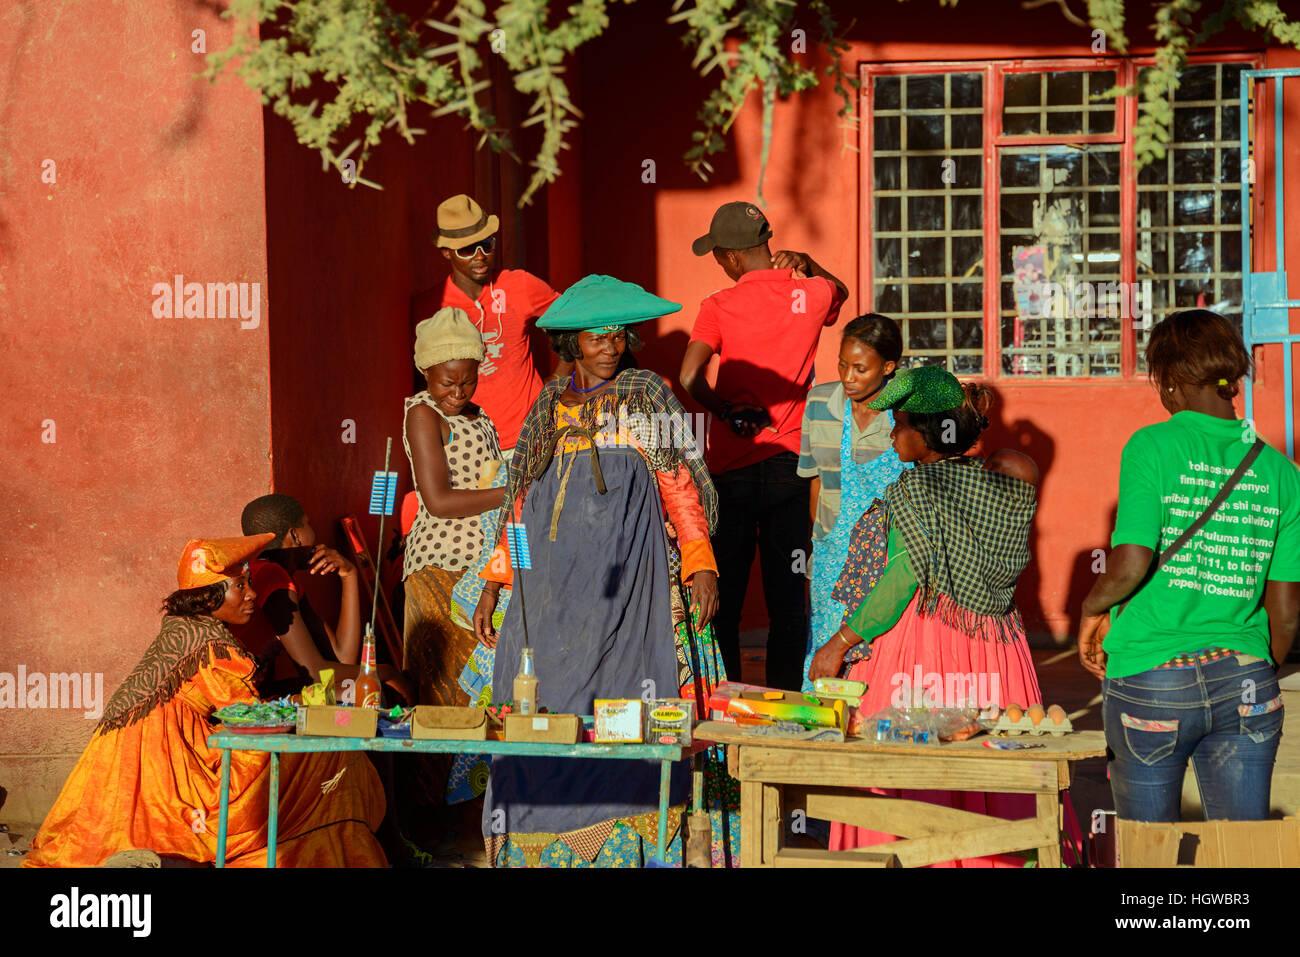 People, Opuwo, Namibia - Stock Image